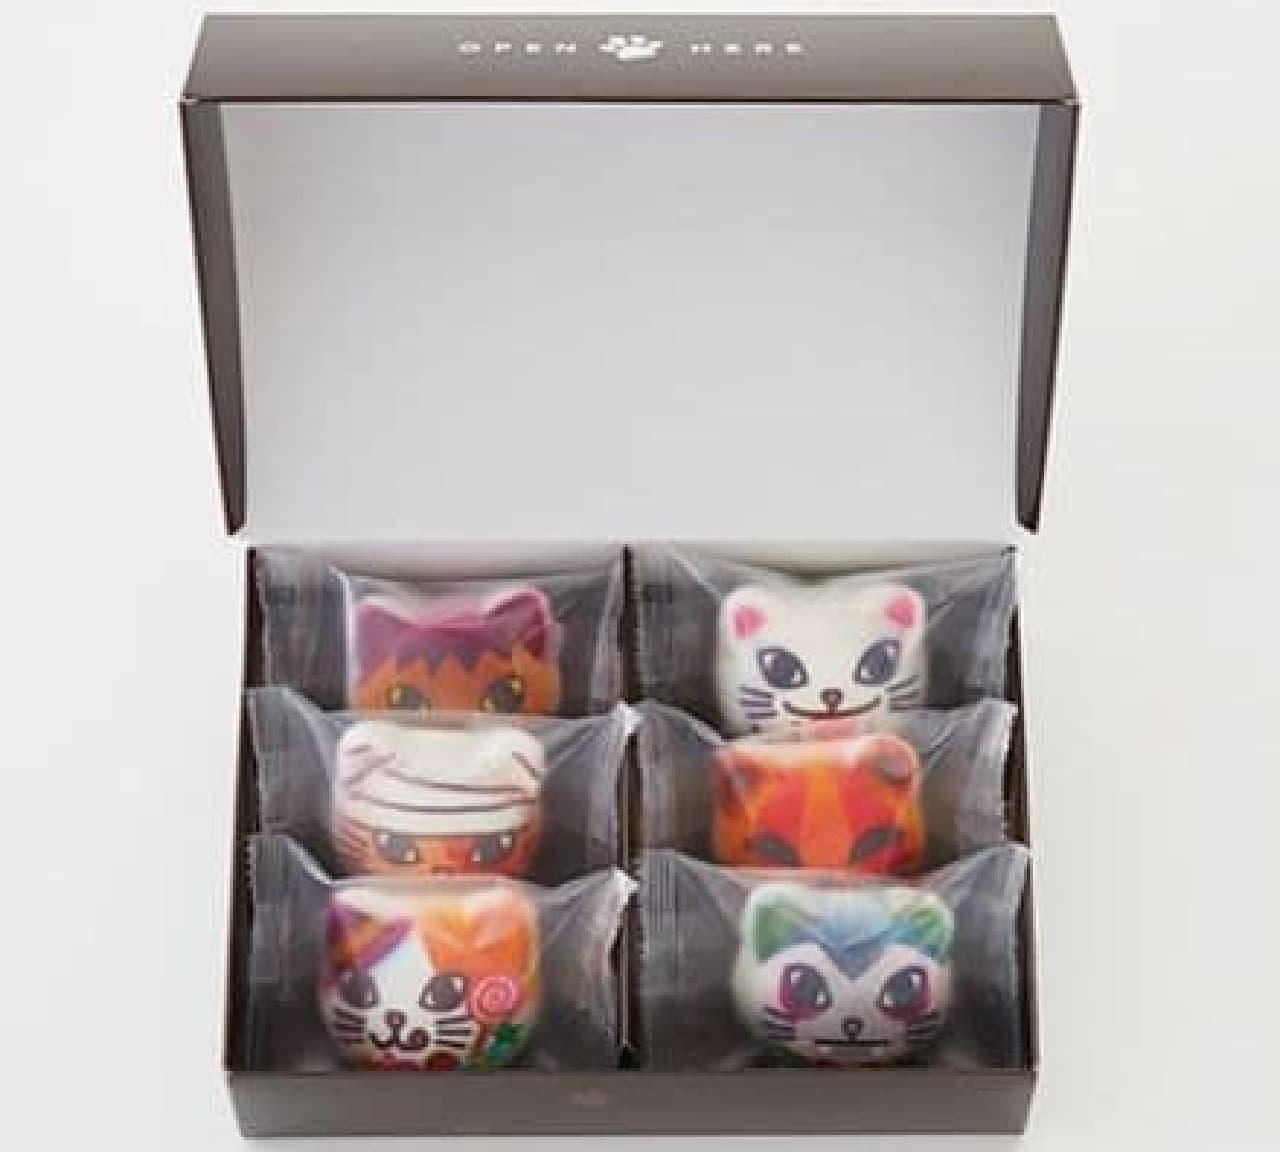 「ツンデレにゃんのハロウィンニャシュマロ」は、おばけにした怖くて可愛い猫たちがプリントされたマシュマロ